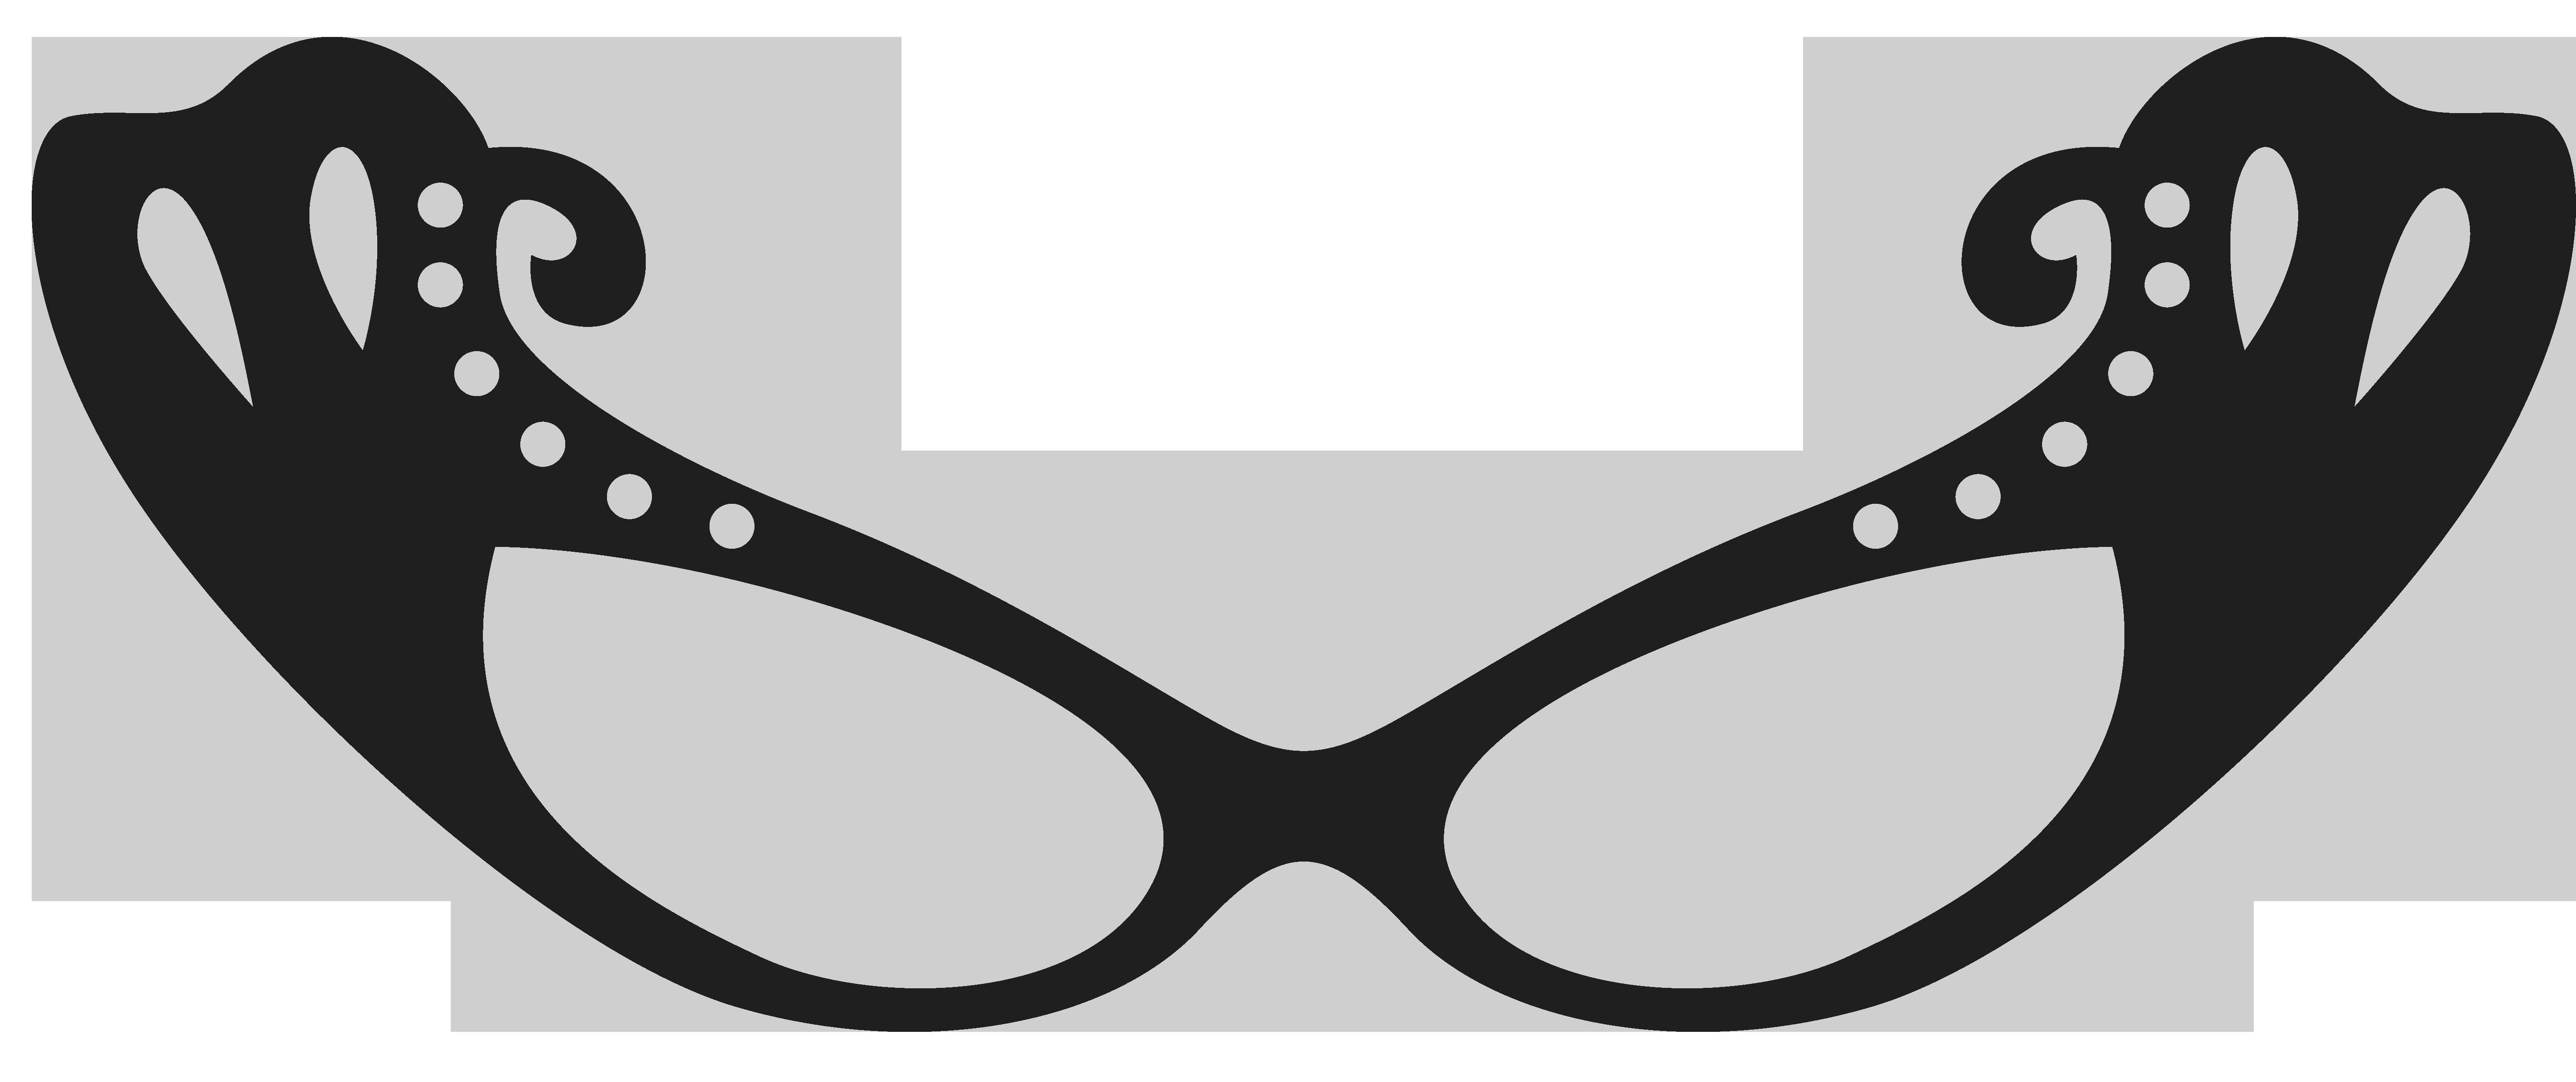 5852x2459 Sunglasses Clipart Geek Glass